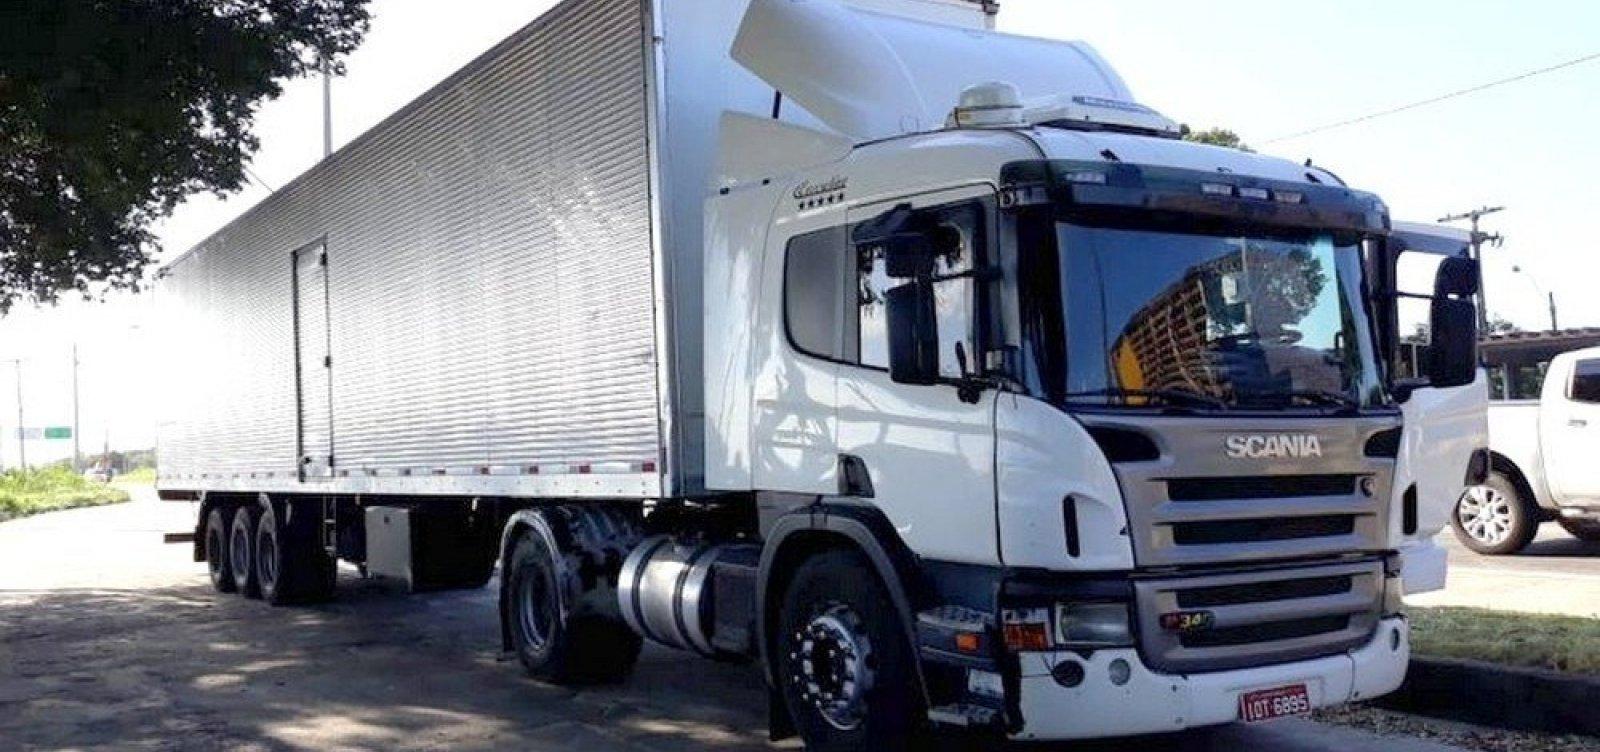 [Homens roubam 24 toneladas de bebida alcoólica em caminhão na BR-101]